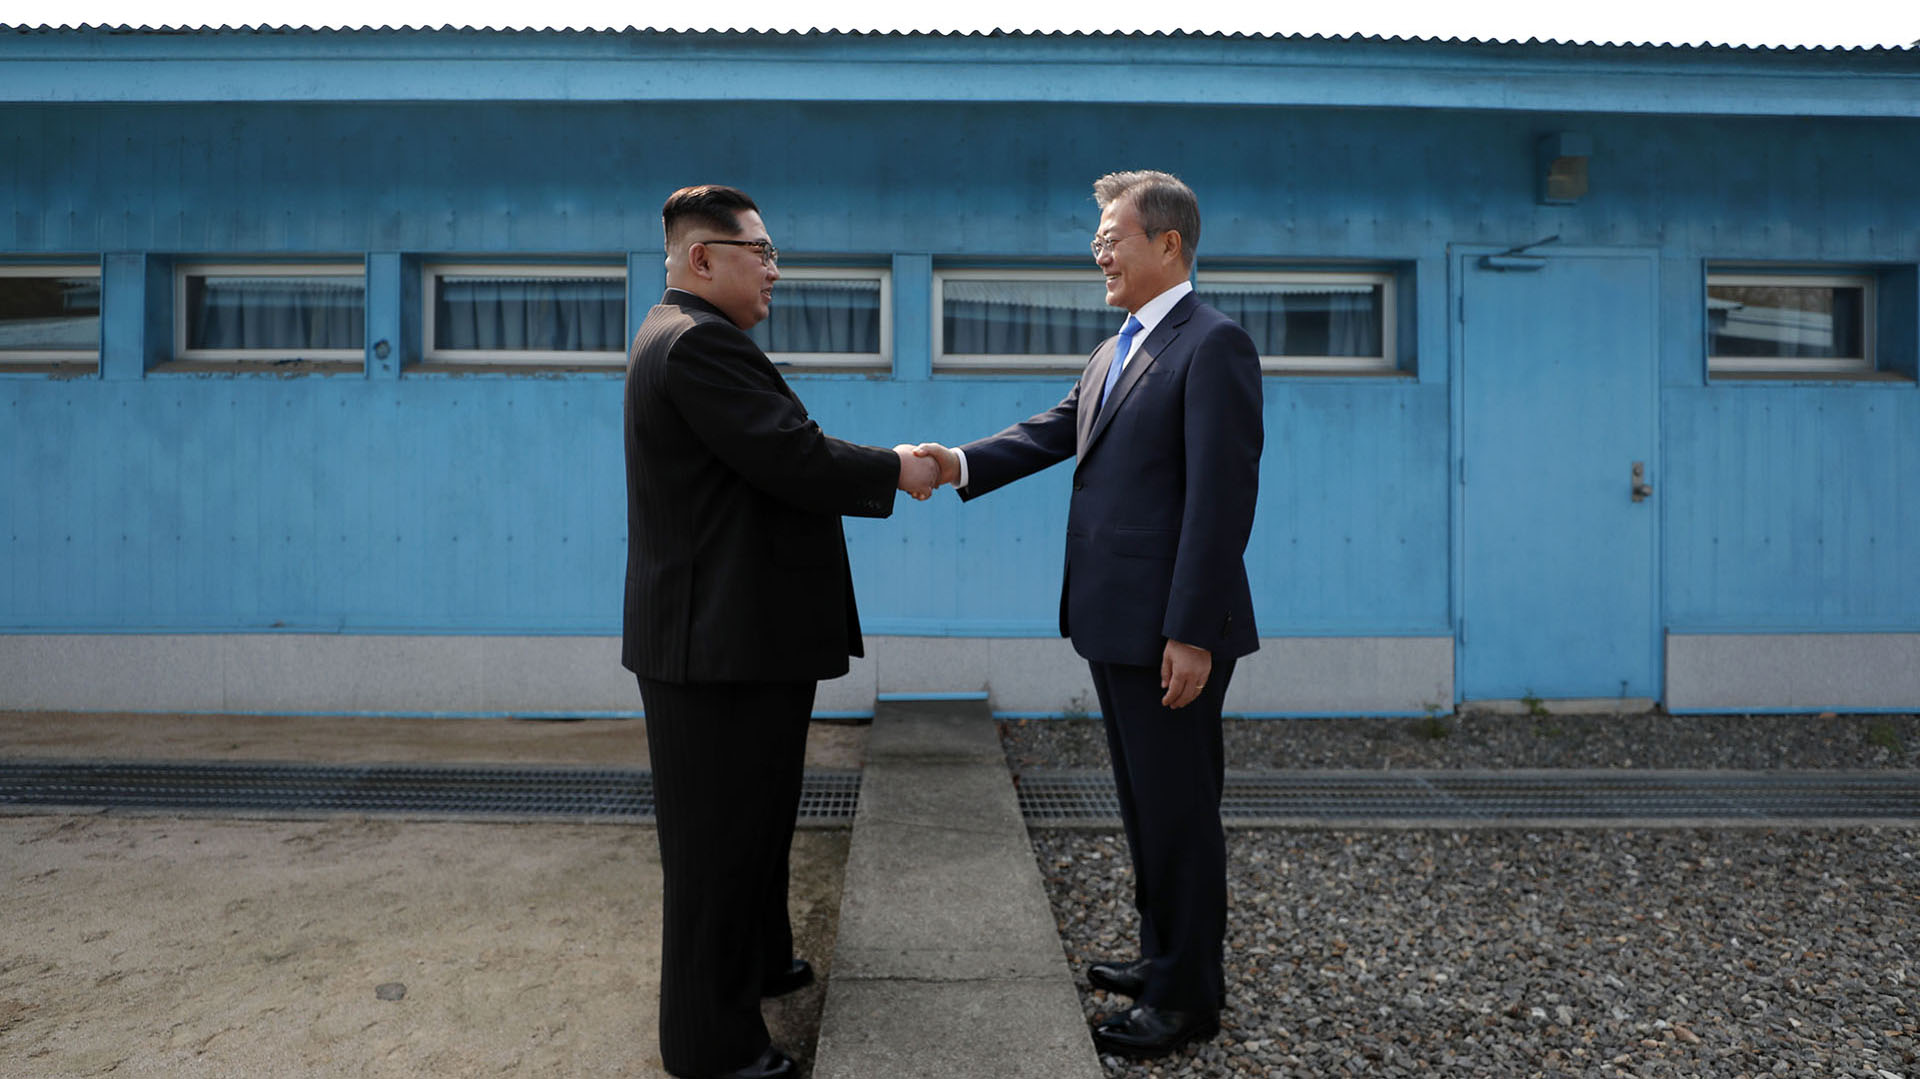 El líder de Corea del Norte, Kim Jong Un (izq.), estrecha la mano del presidente de Corea del Sur, Moon Jae-in (der.), en la Línea de Demarcación Militar que divide a sus países antes de su cumbre en la aldea de tregua de Panmunjom, el 27 de abril de 2018. (AFP)